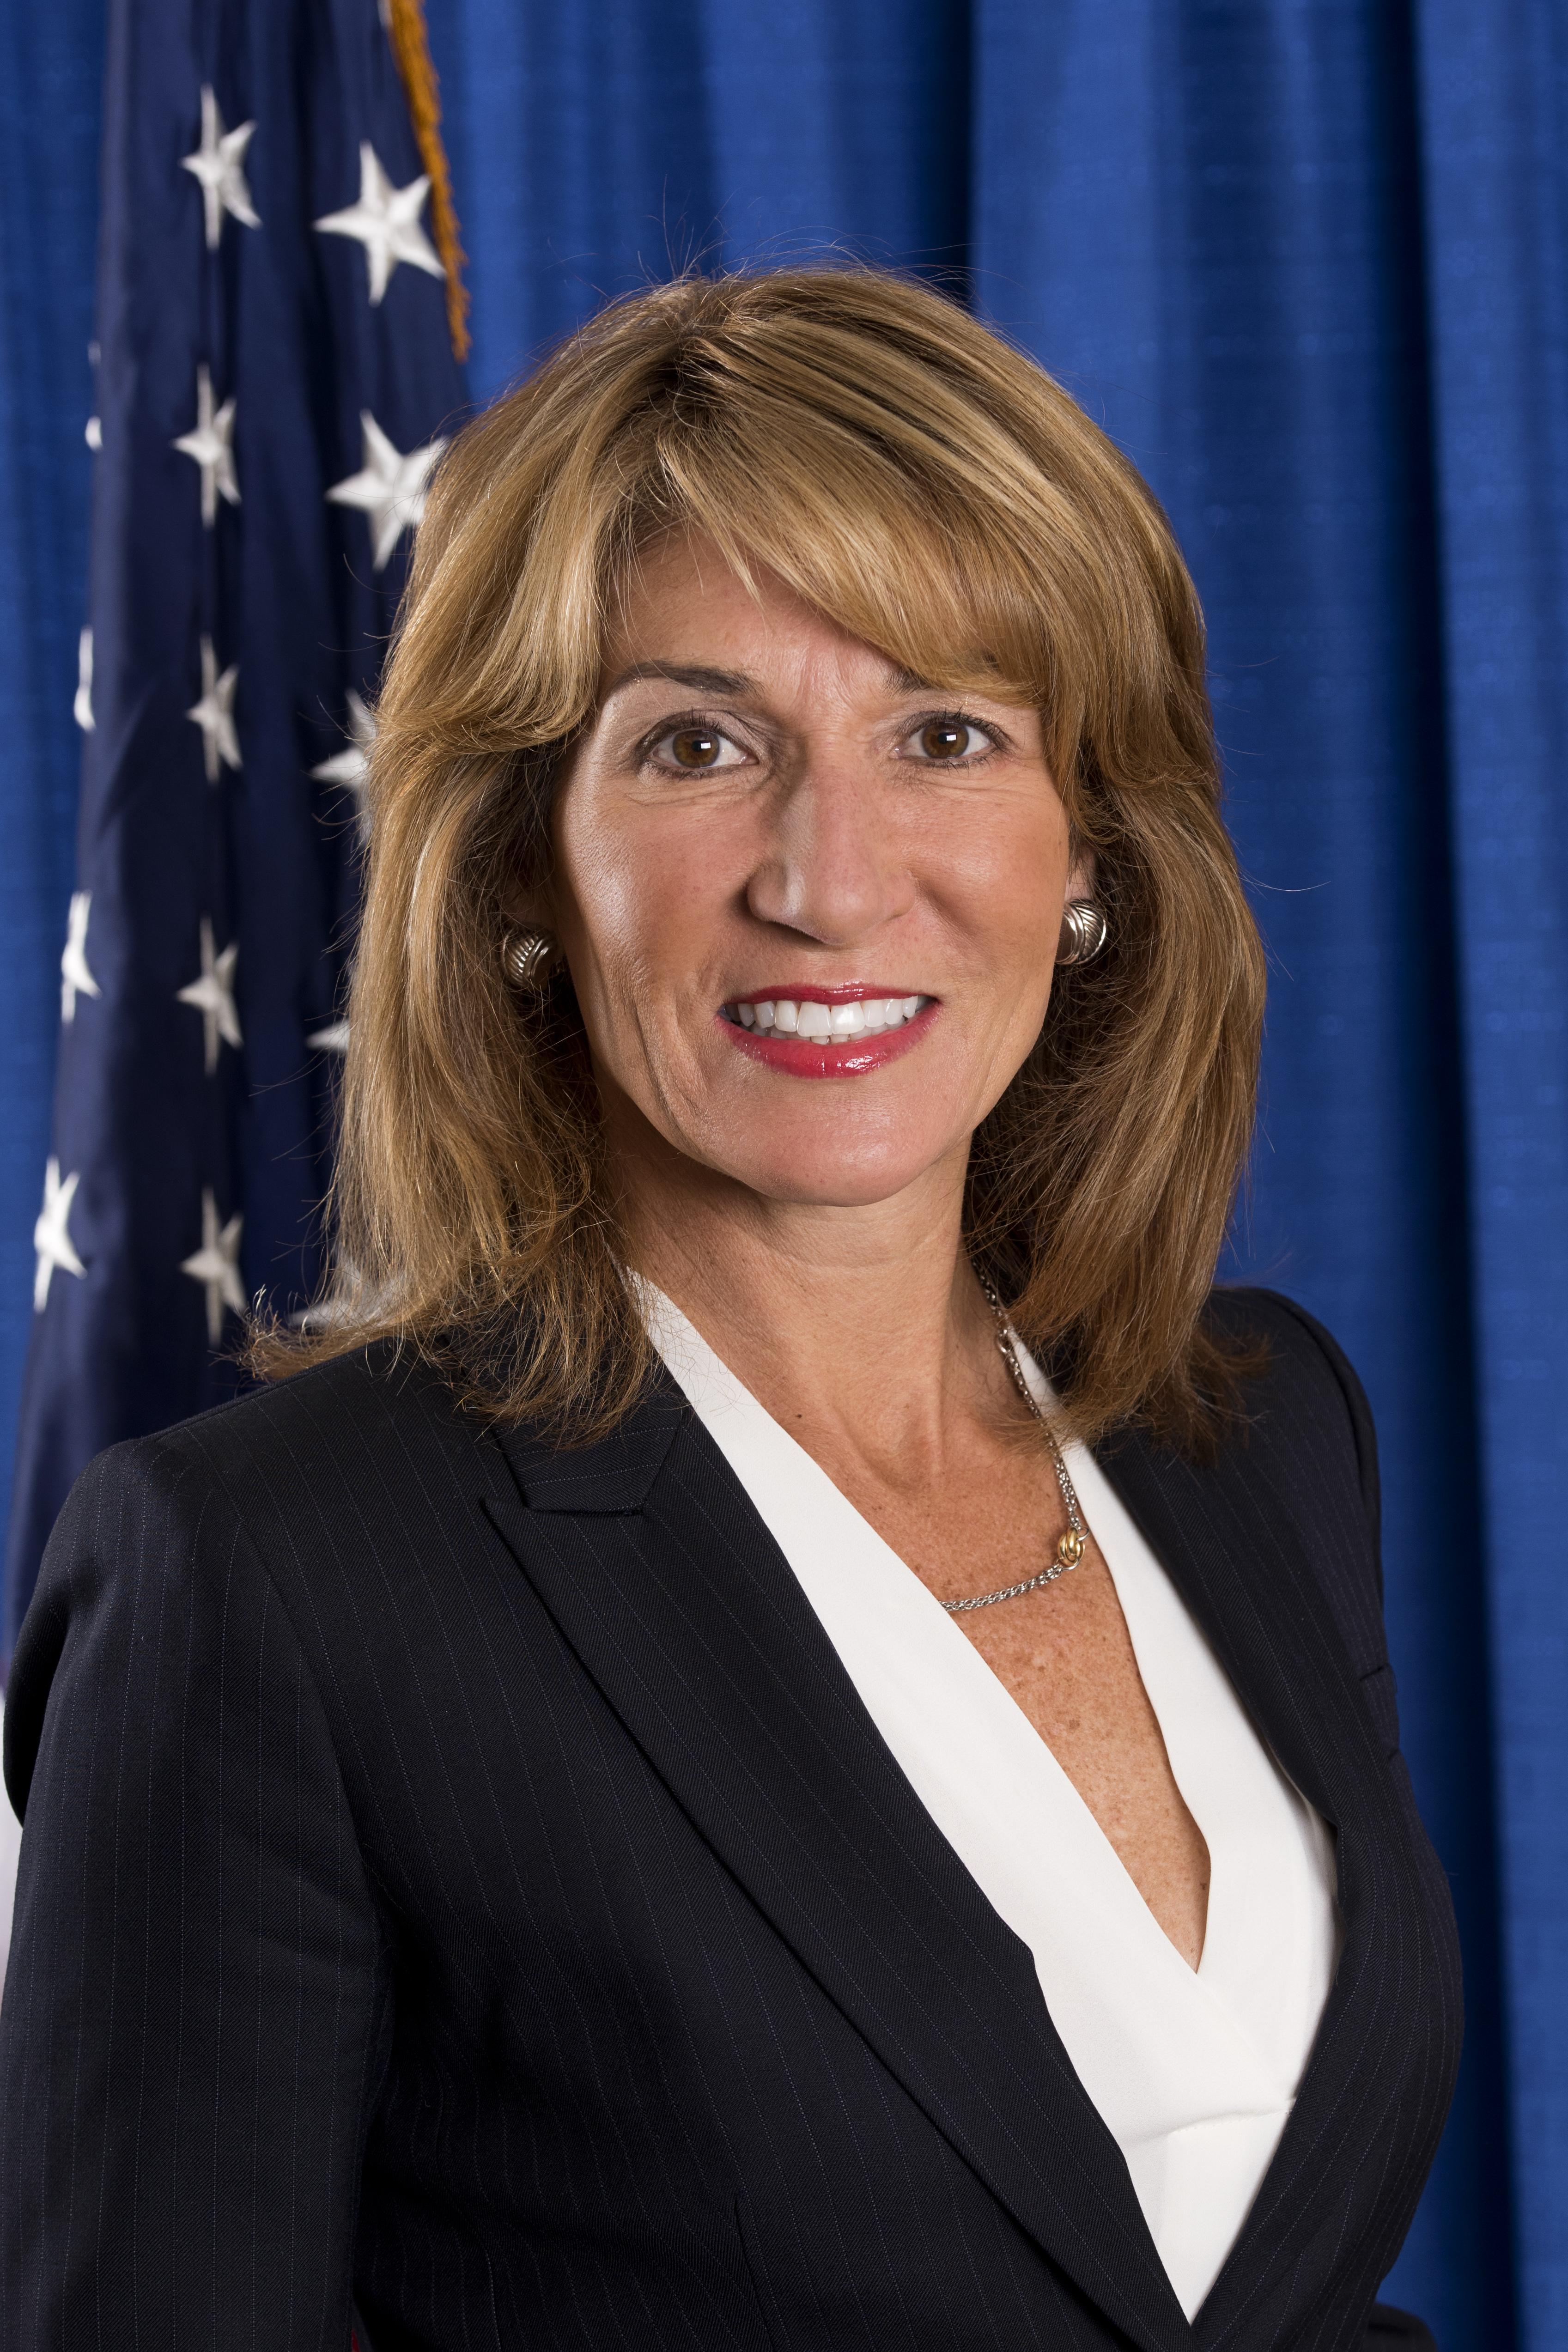 File:Karyn Polito official portrait.jpg